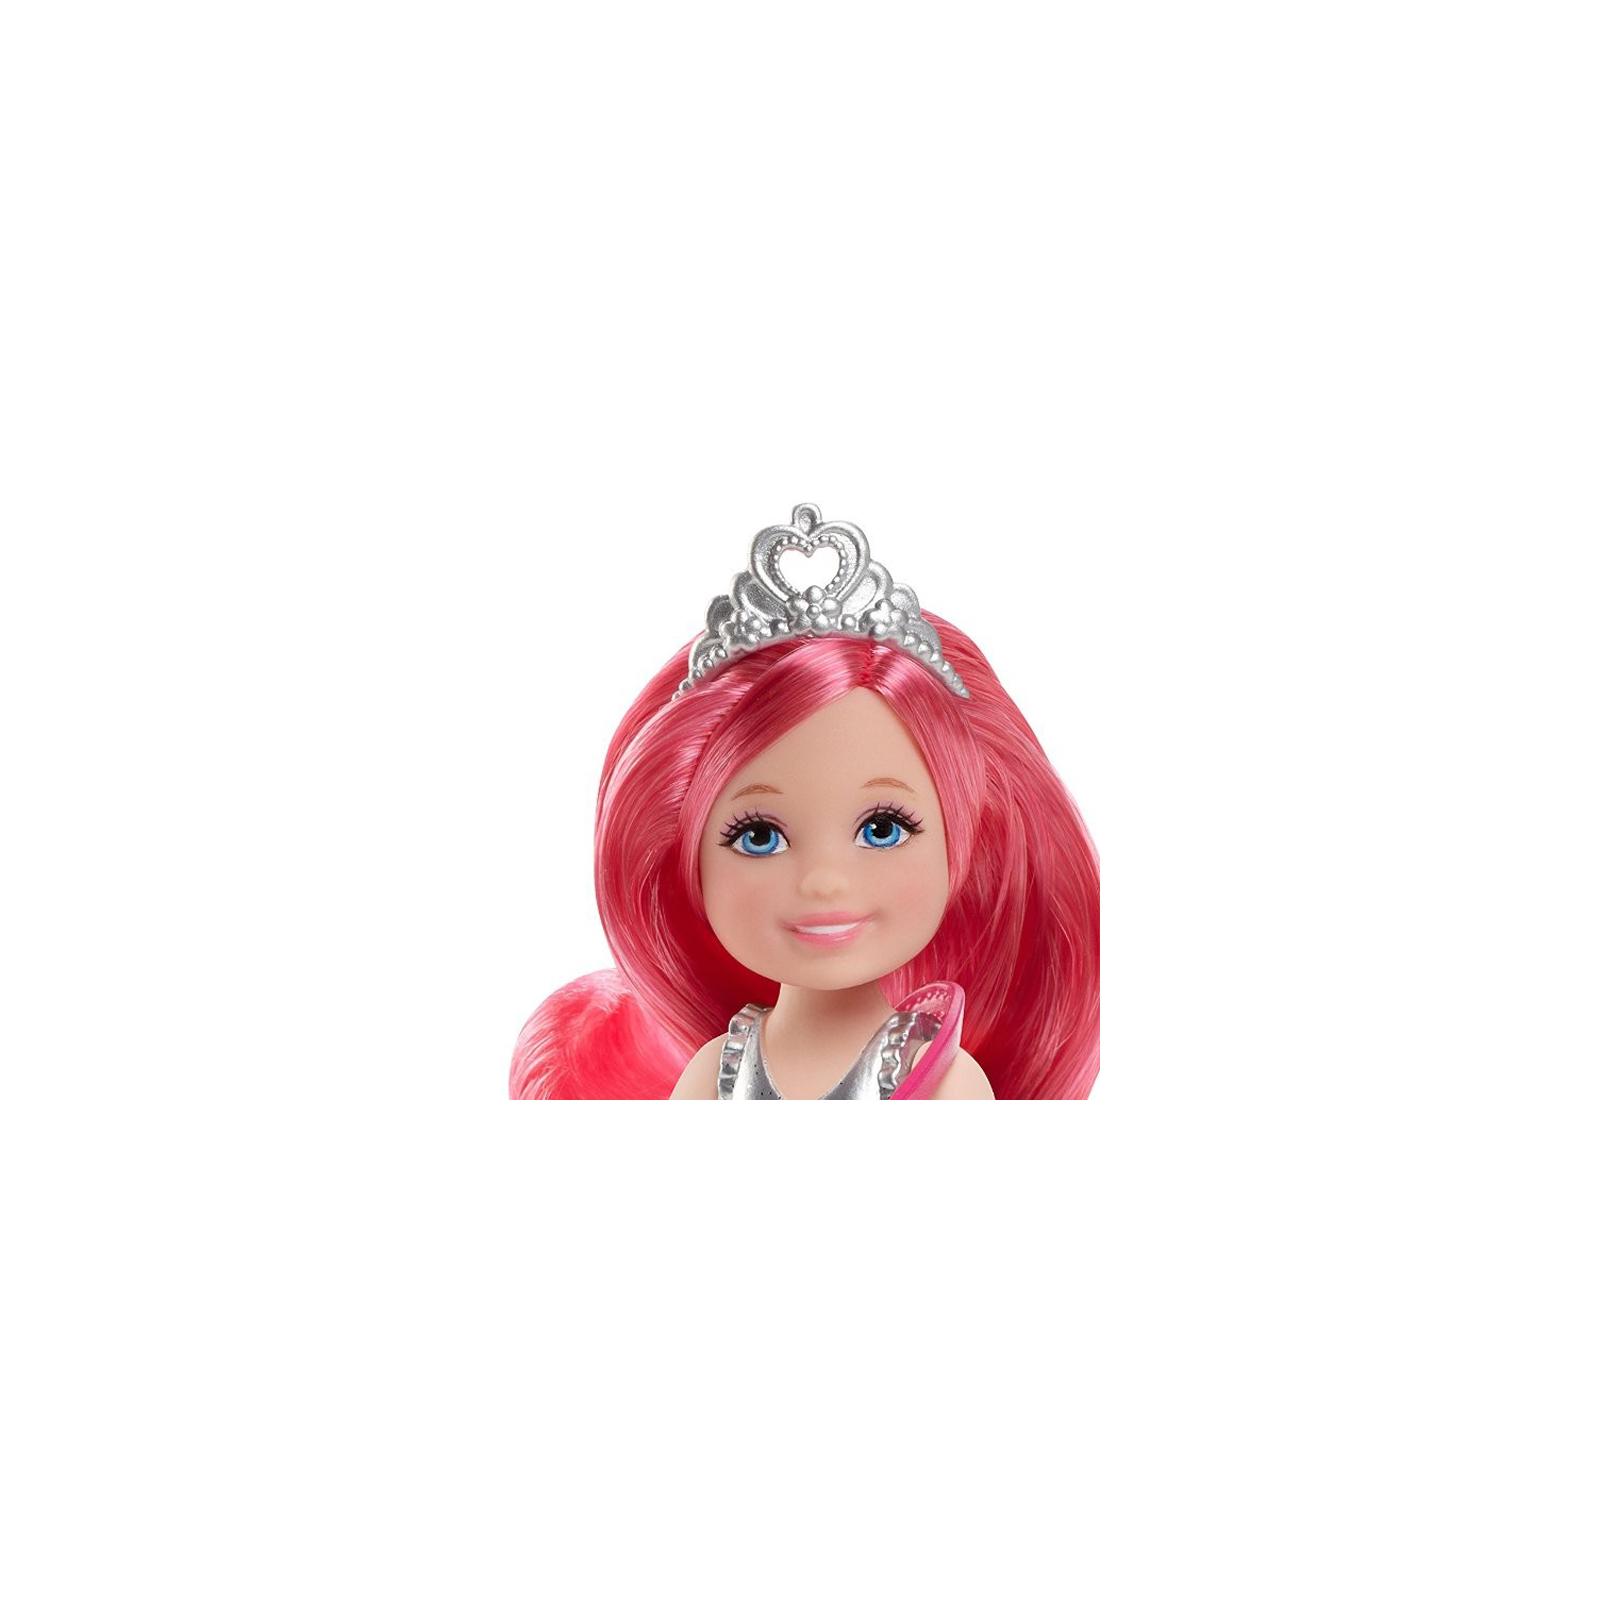 Кукла BARBIE Челси из м/ф Барби: Рок-принцесса с гитарой (CKB68-3) изображение 2